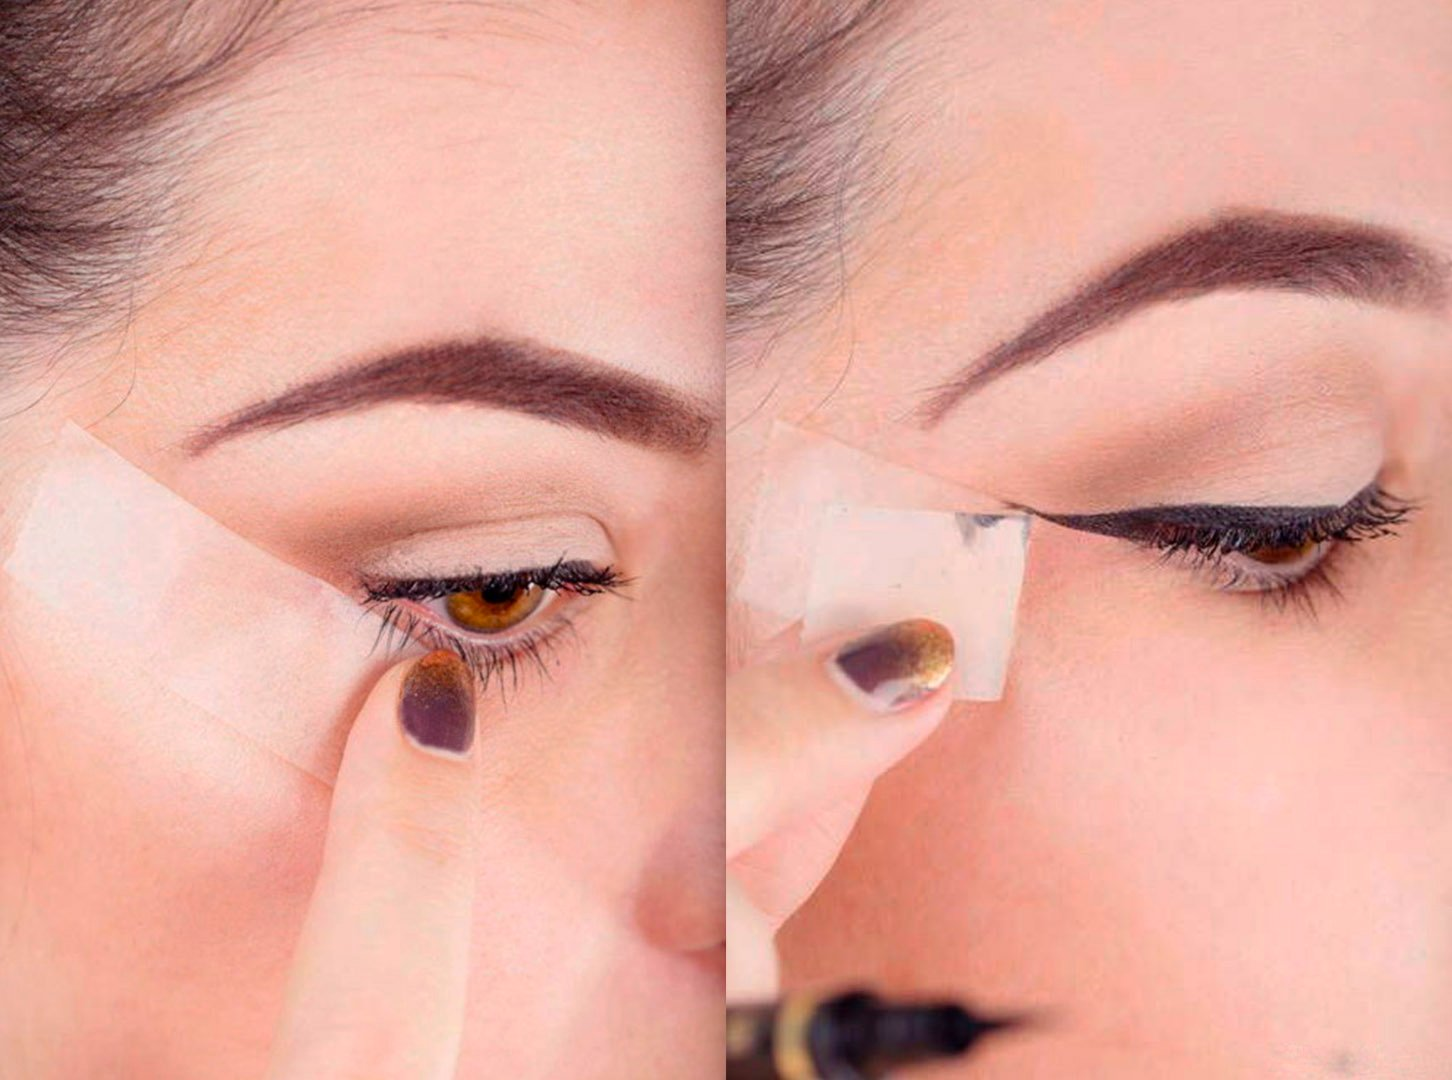 para lograr un delineado ucat eyeu perfecto puedes usar una tarjeta o una cinta adhesiva como gua